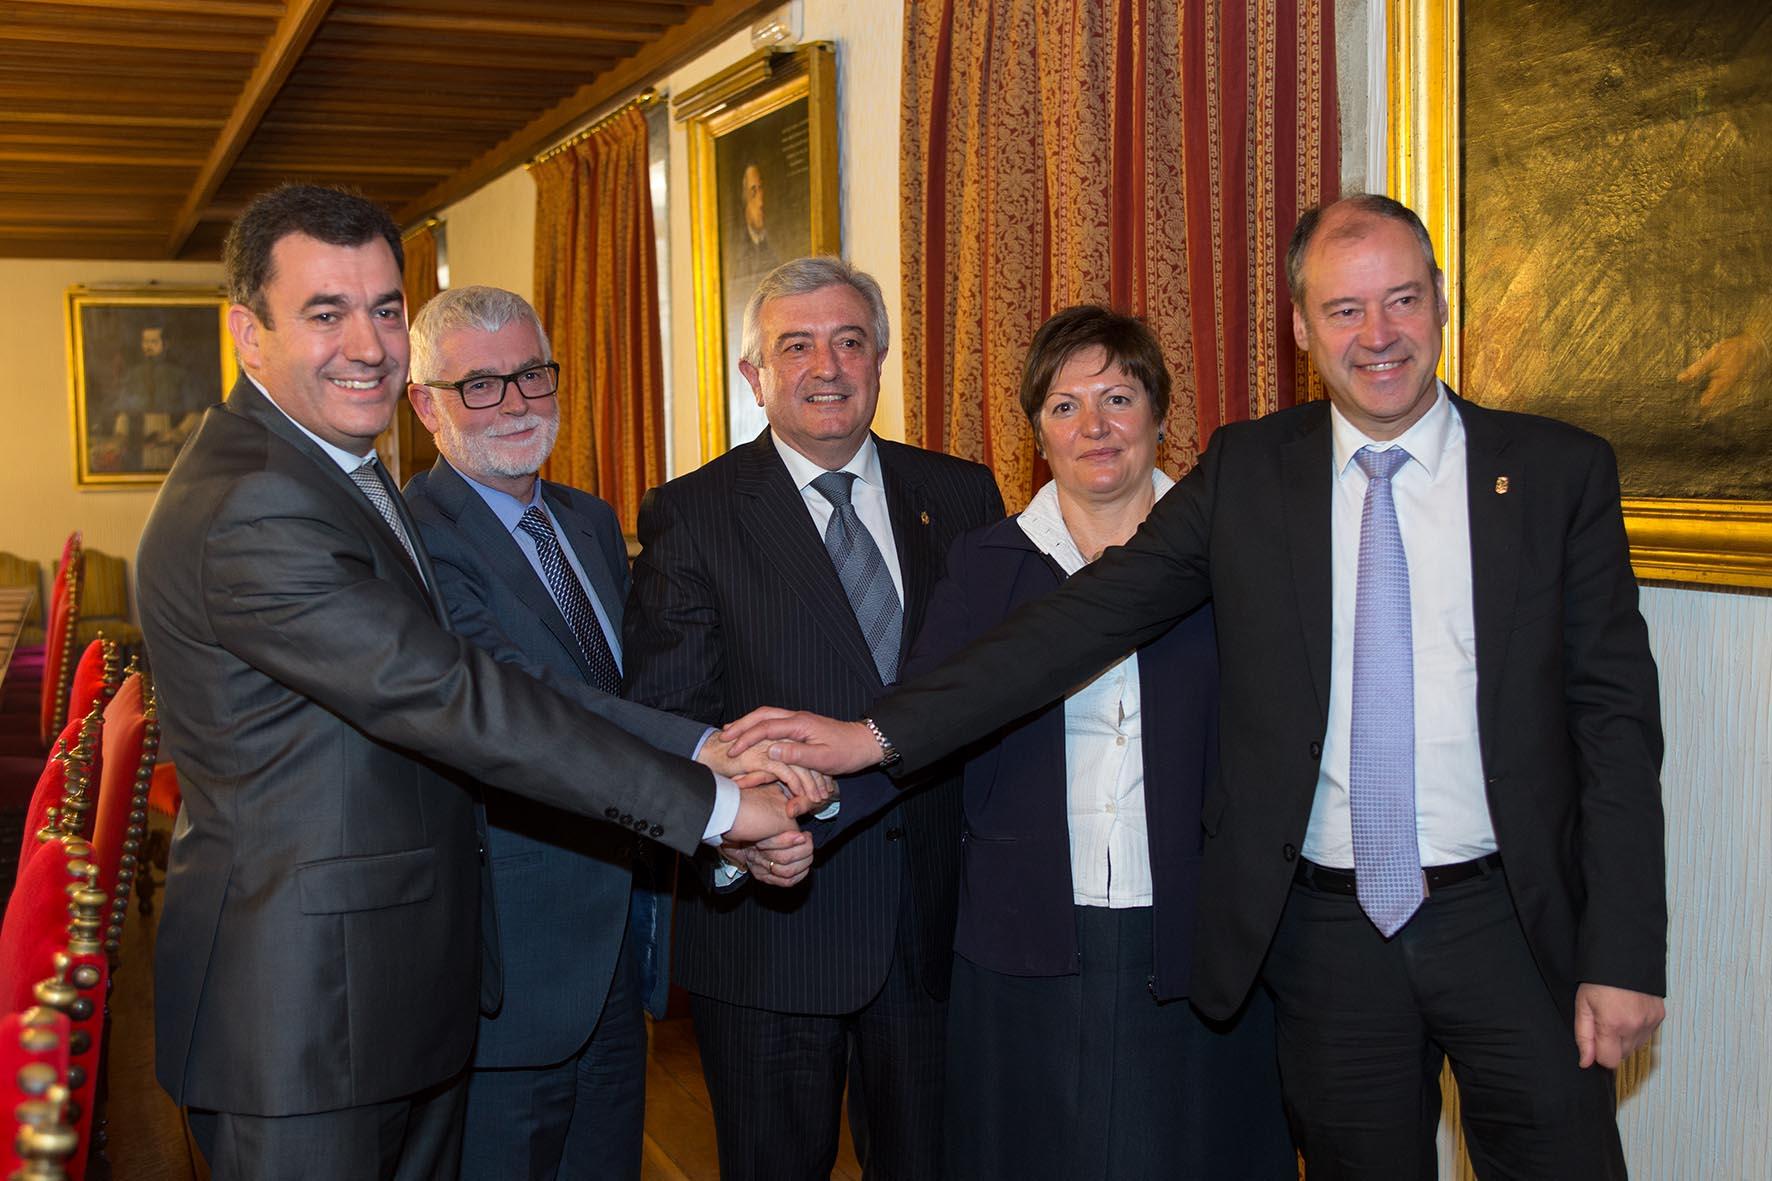 Os tres reitores, co conselleiro de Educación e a conselleira de Sanidade, tras asinar o acordo.